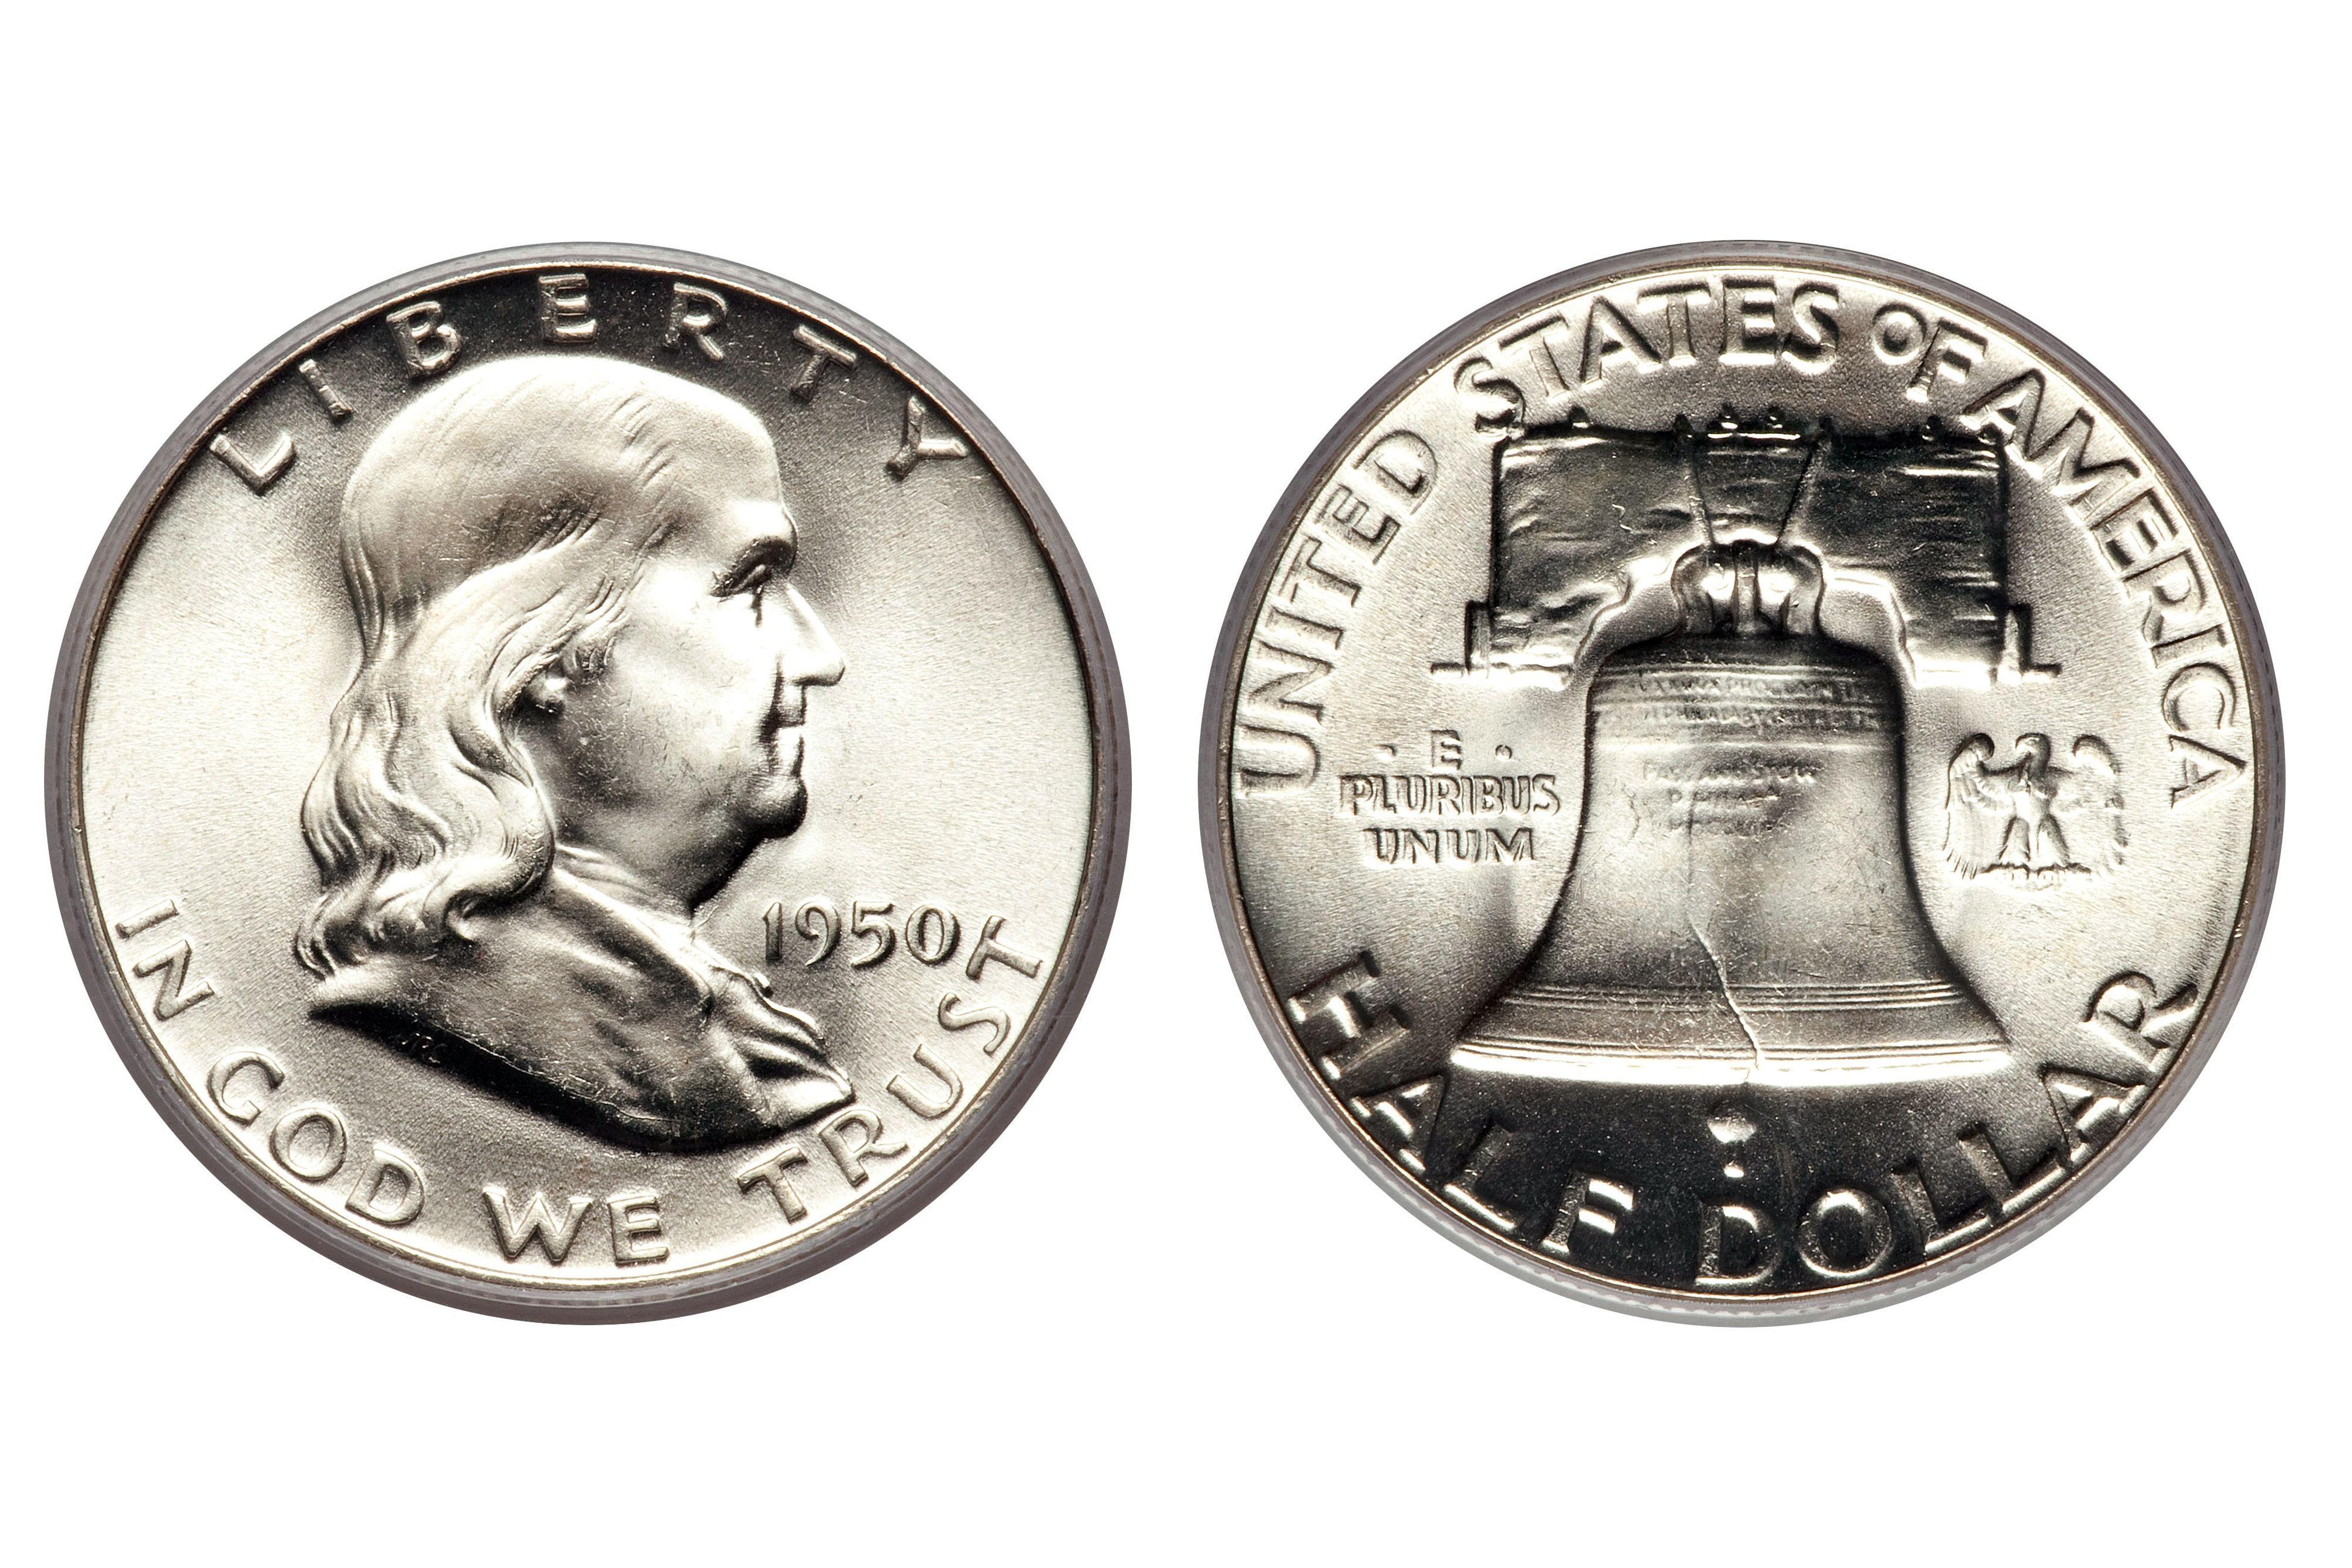 How much is a 1963 franklin silver half dollar worth